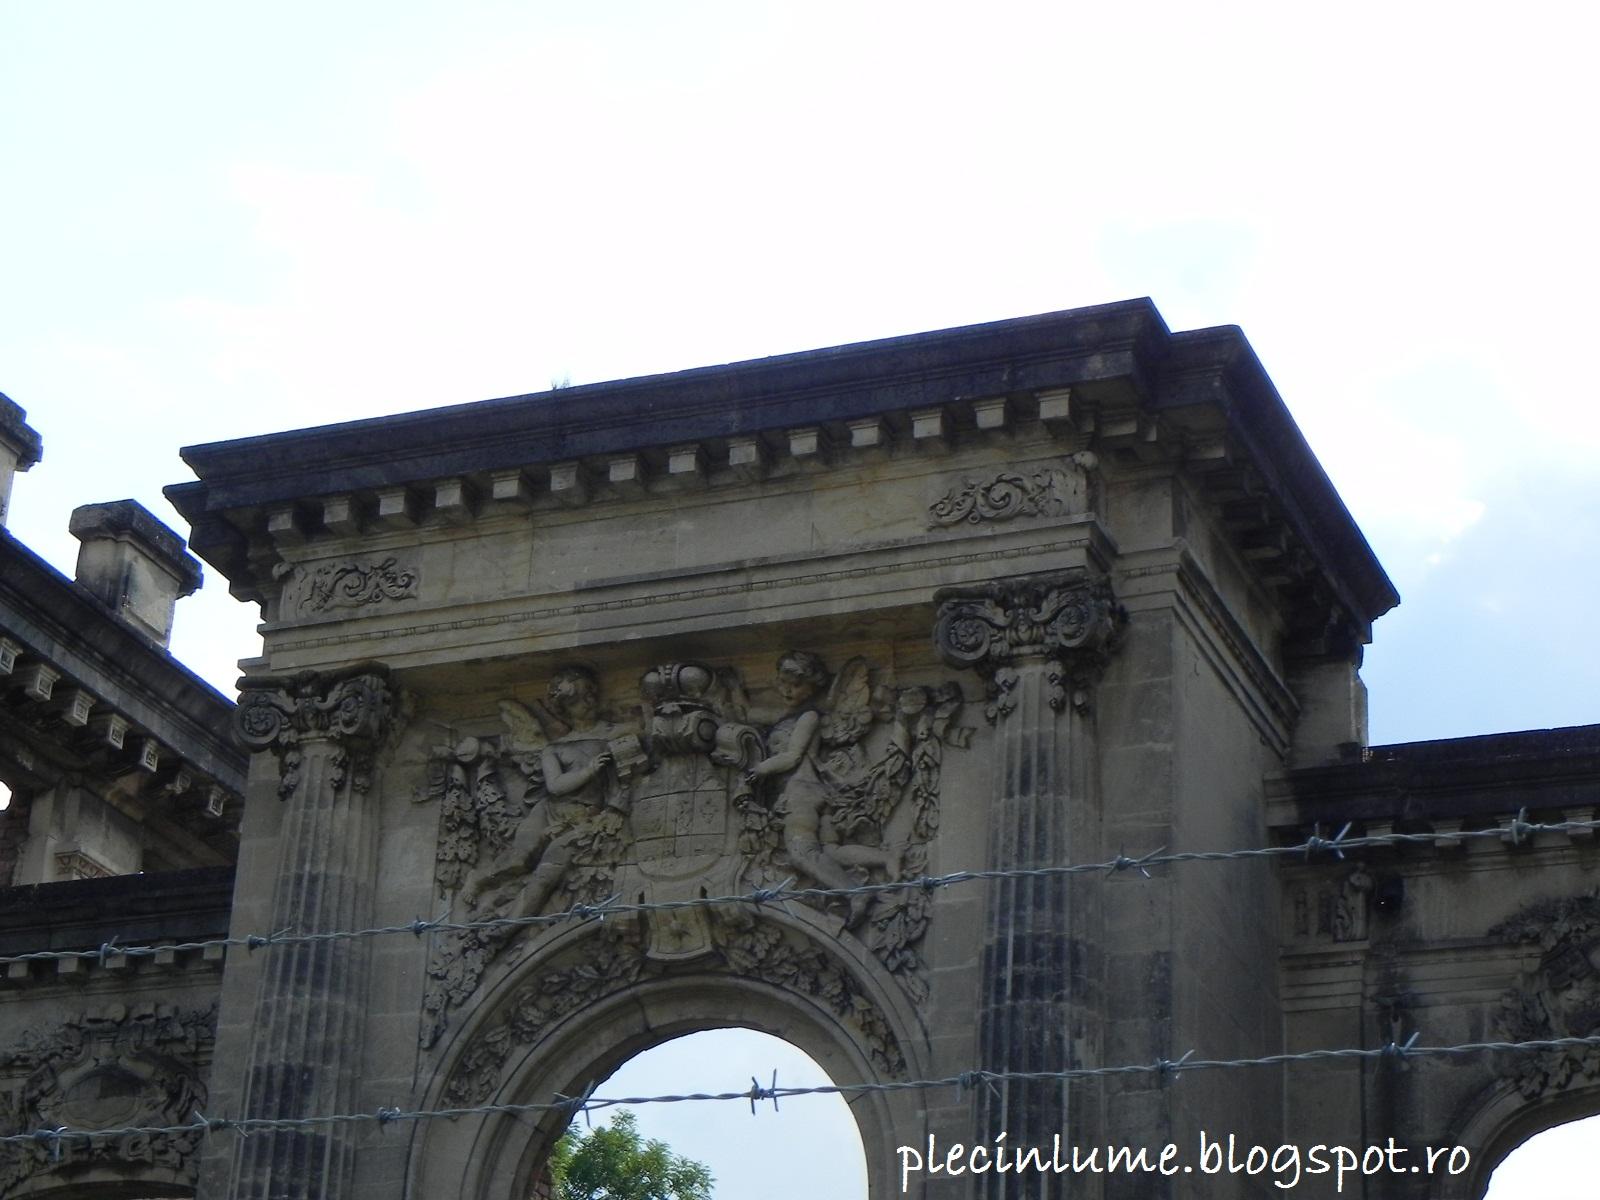 Micul Trianon detaliu